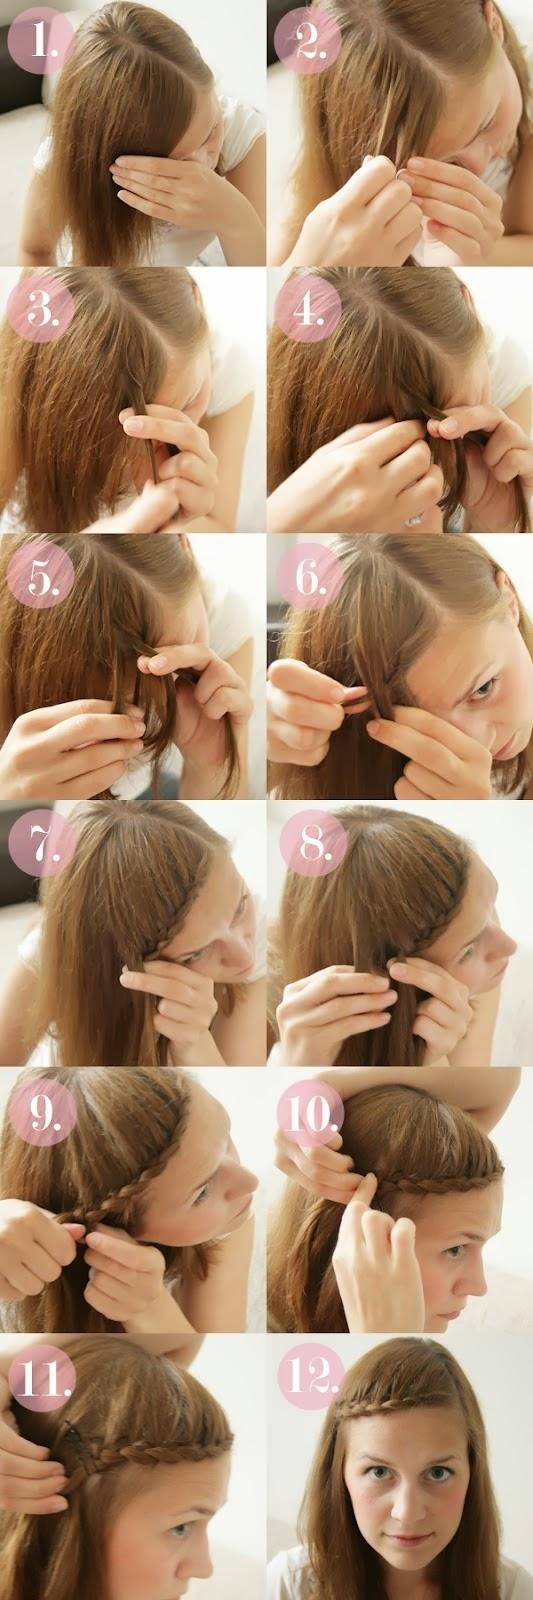 Cute Hairstyles For Short Hair Tutorials